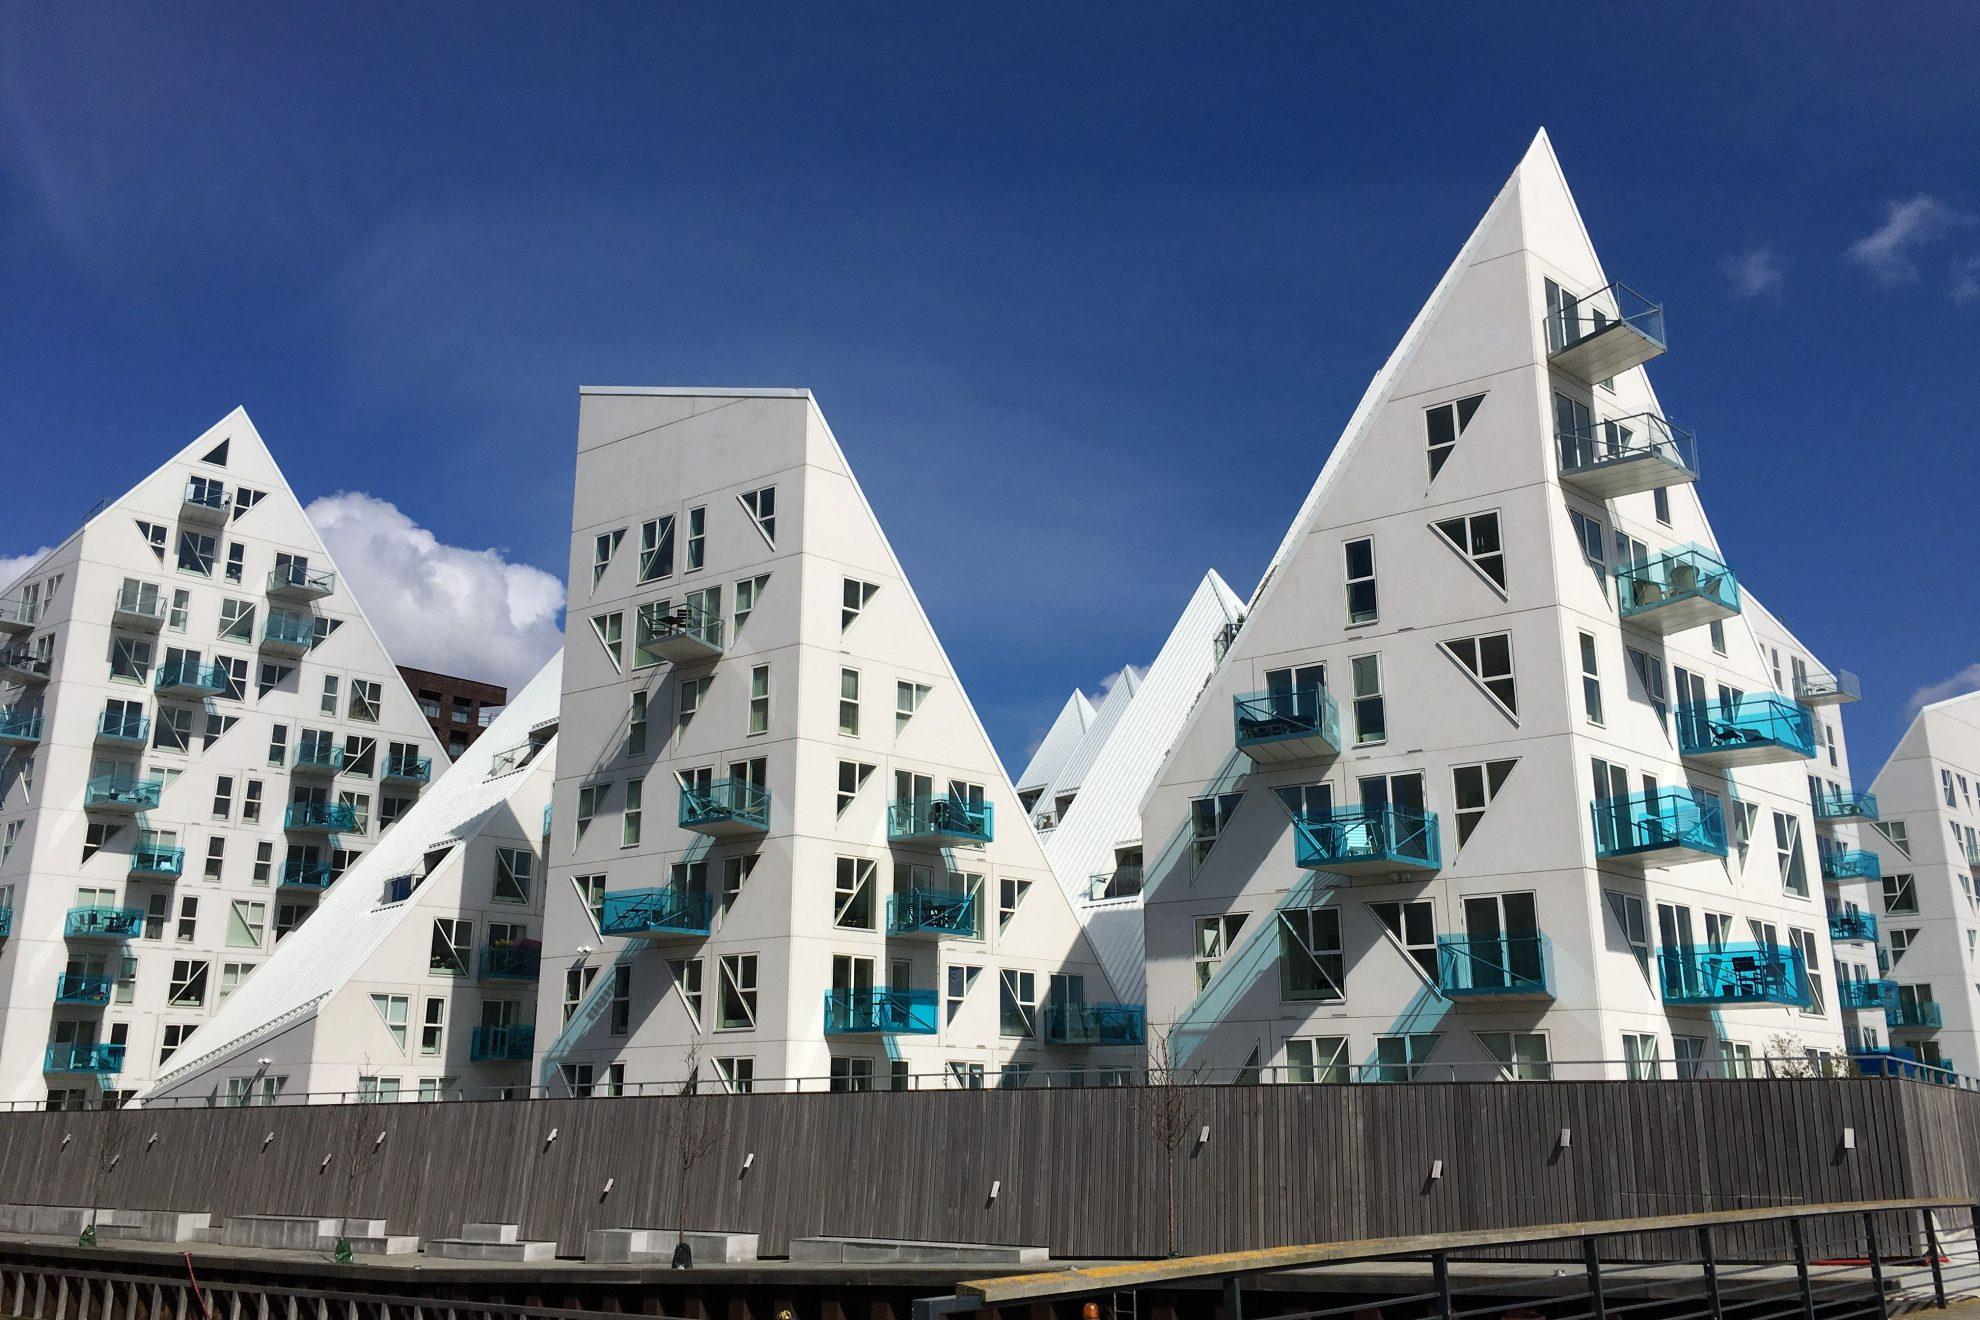 Neubauten in Aarhus, Dänemark